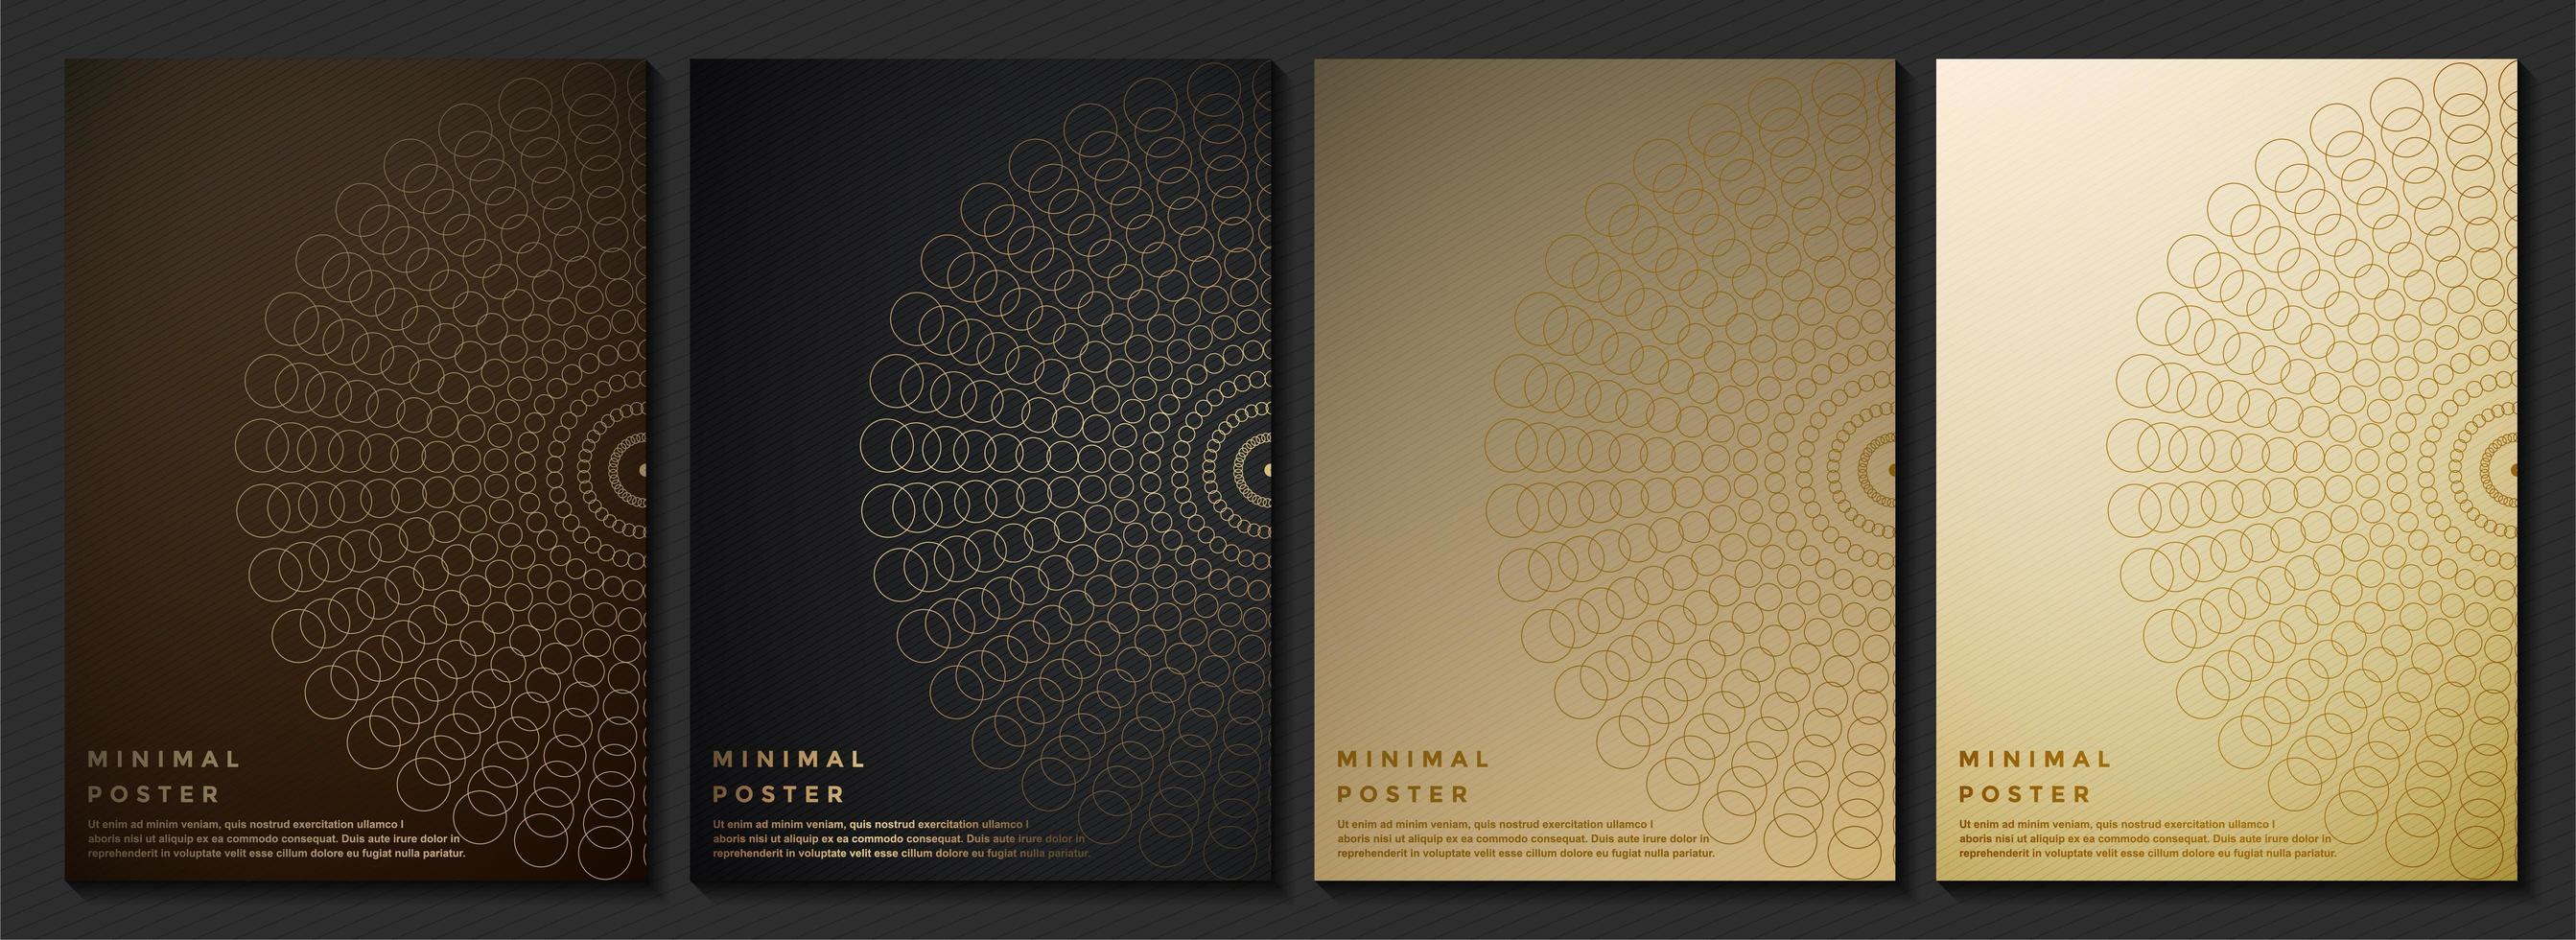 Premium cover designs  vector